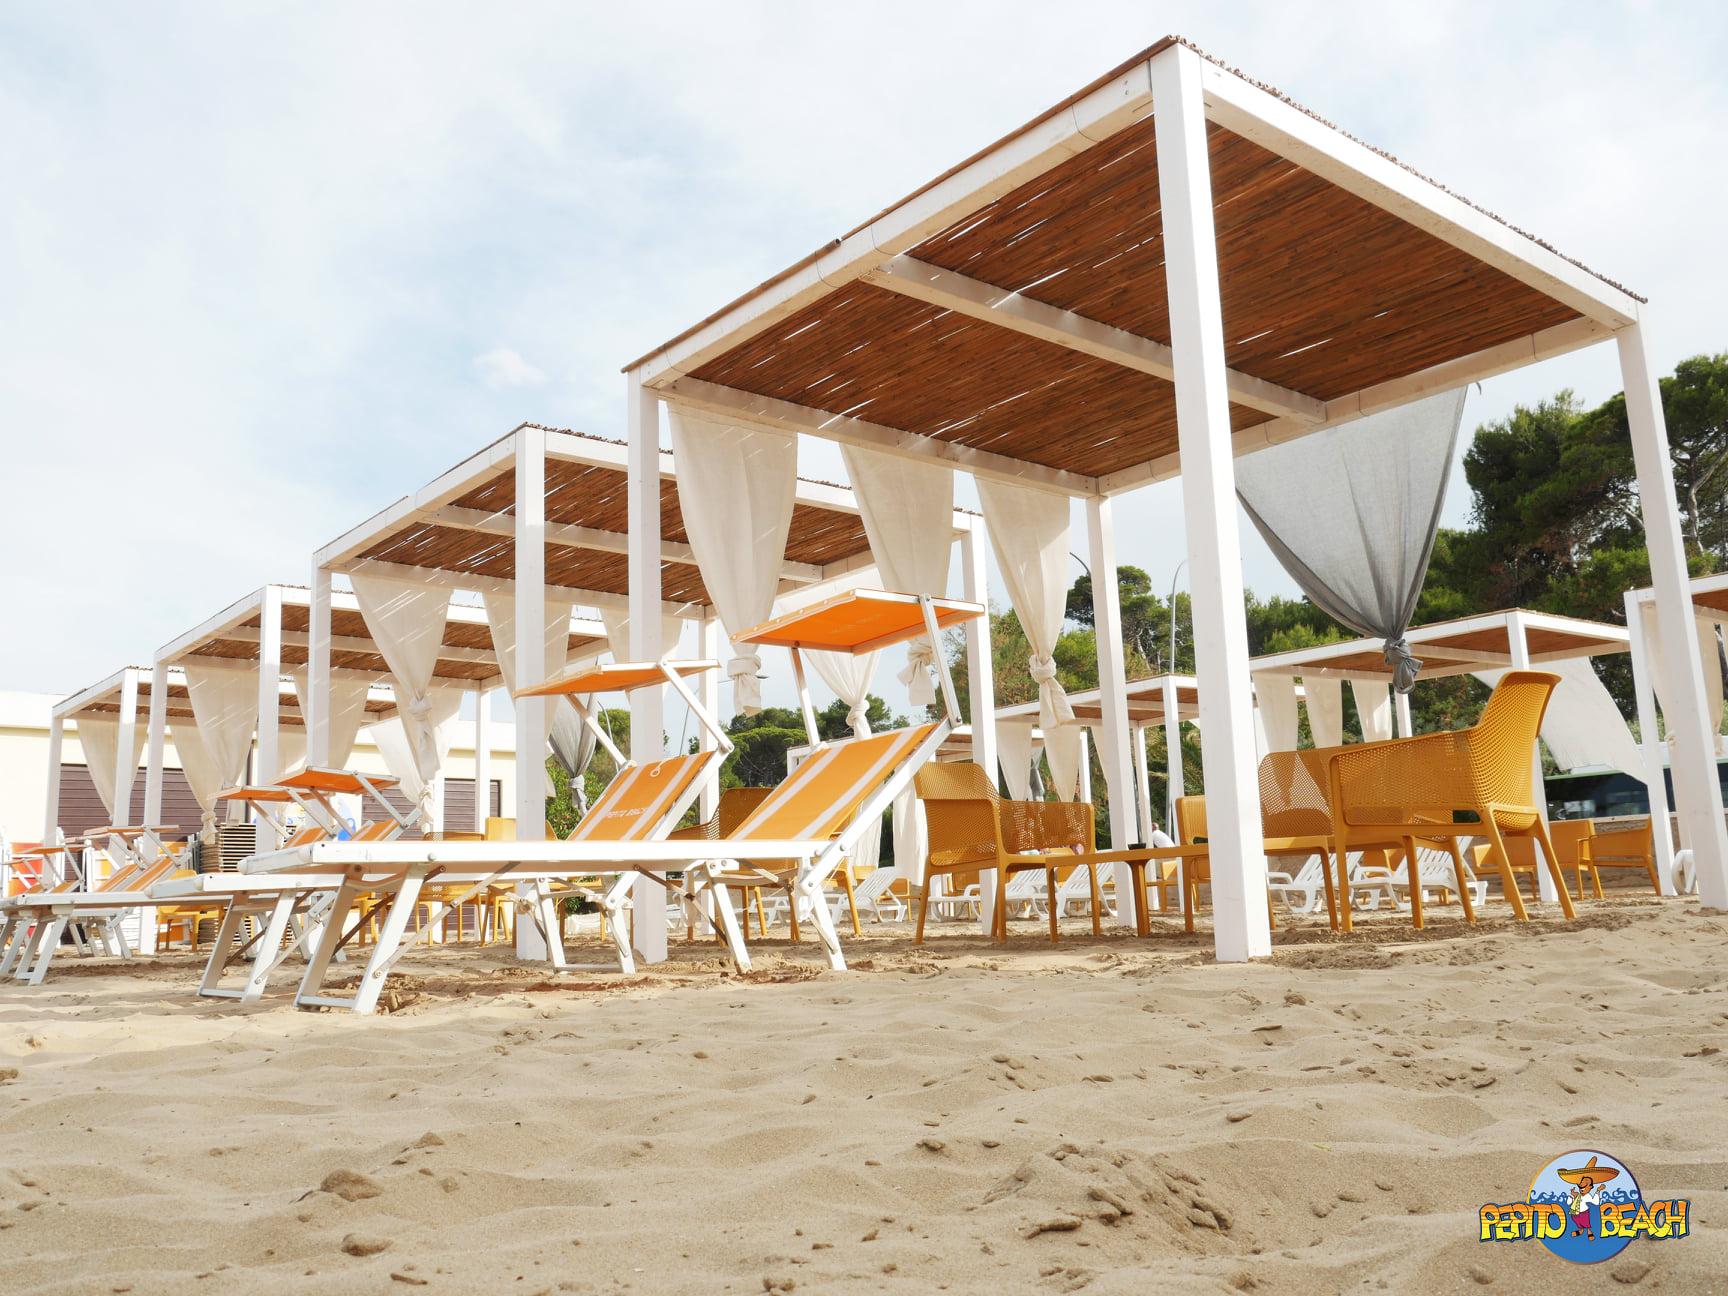 Pepito Beach